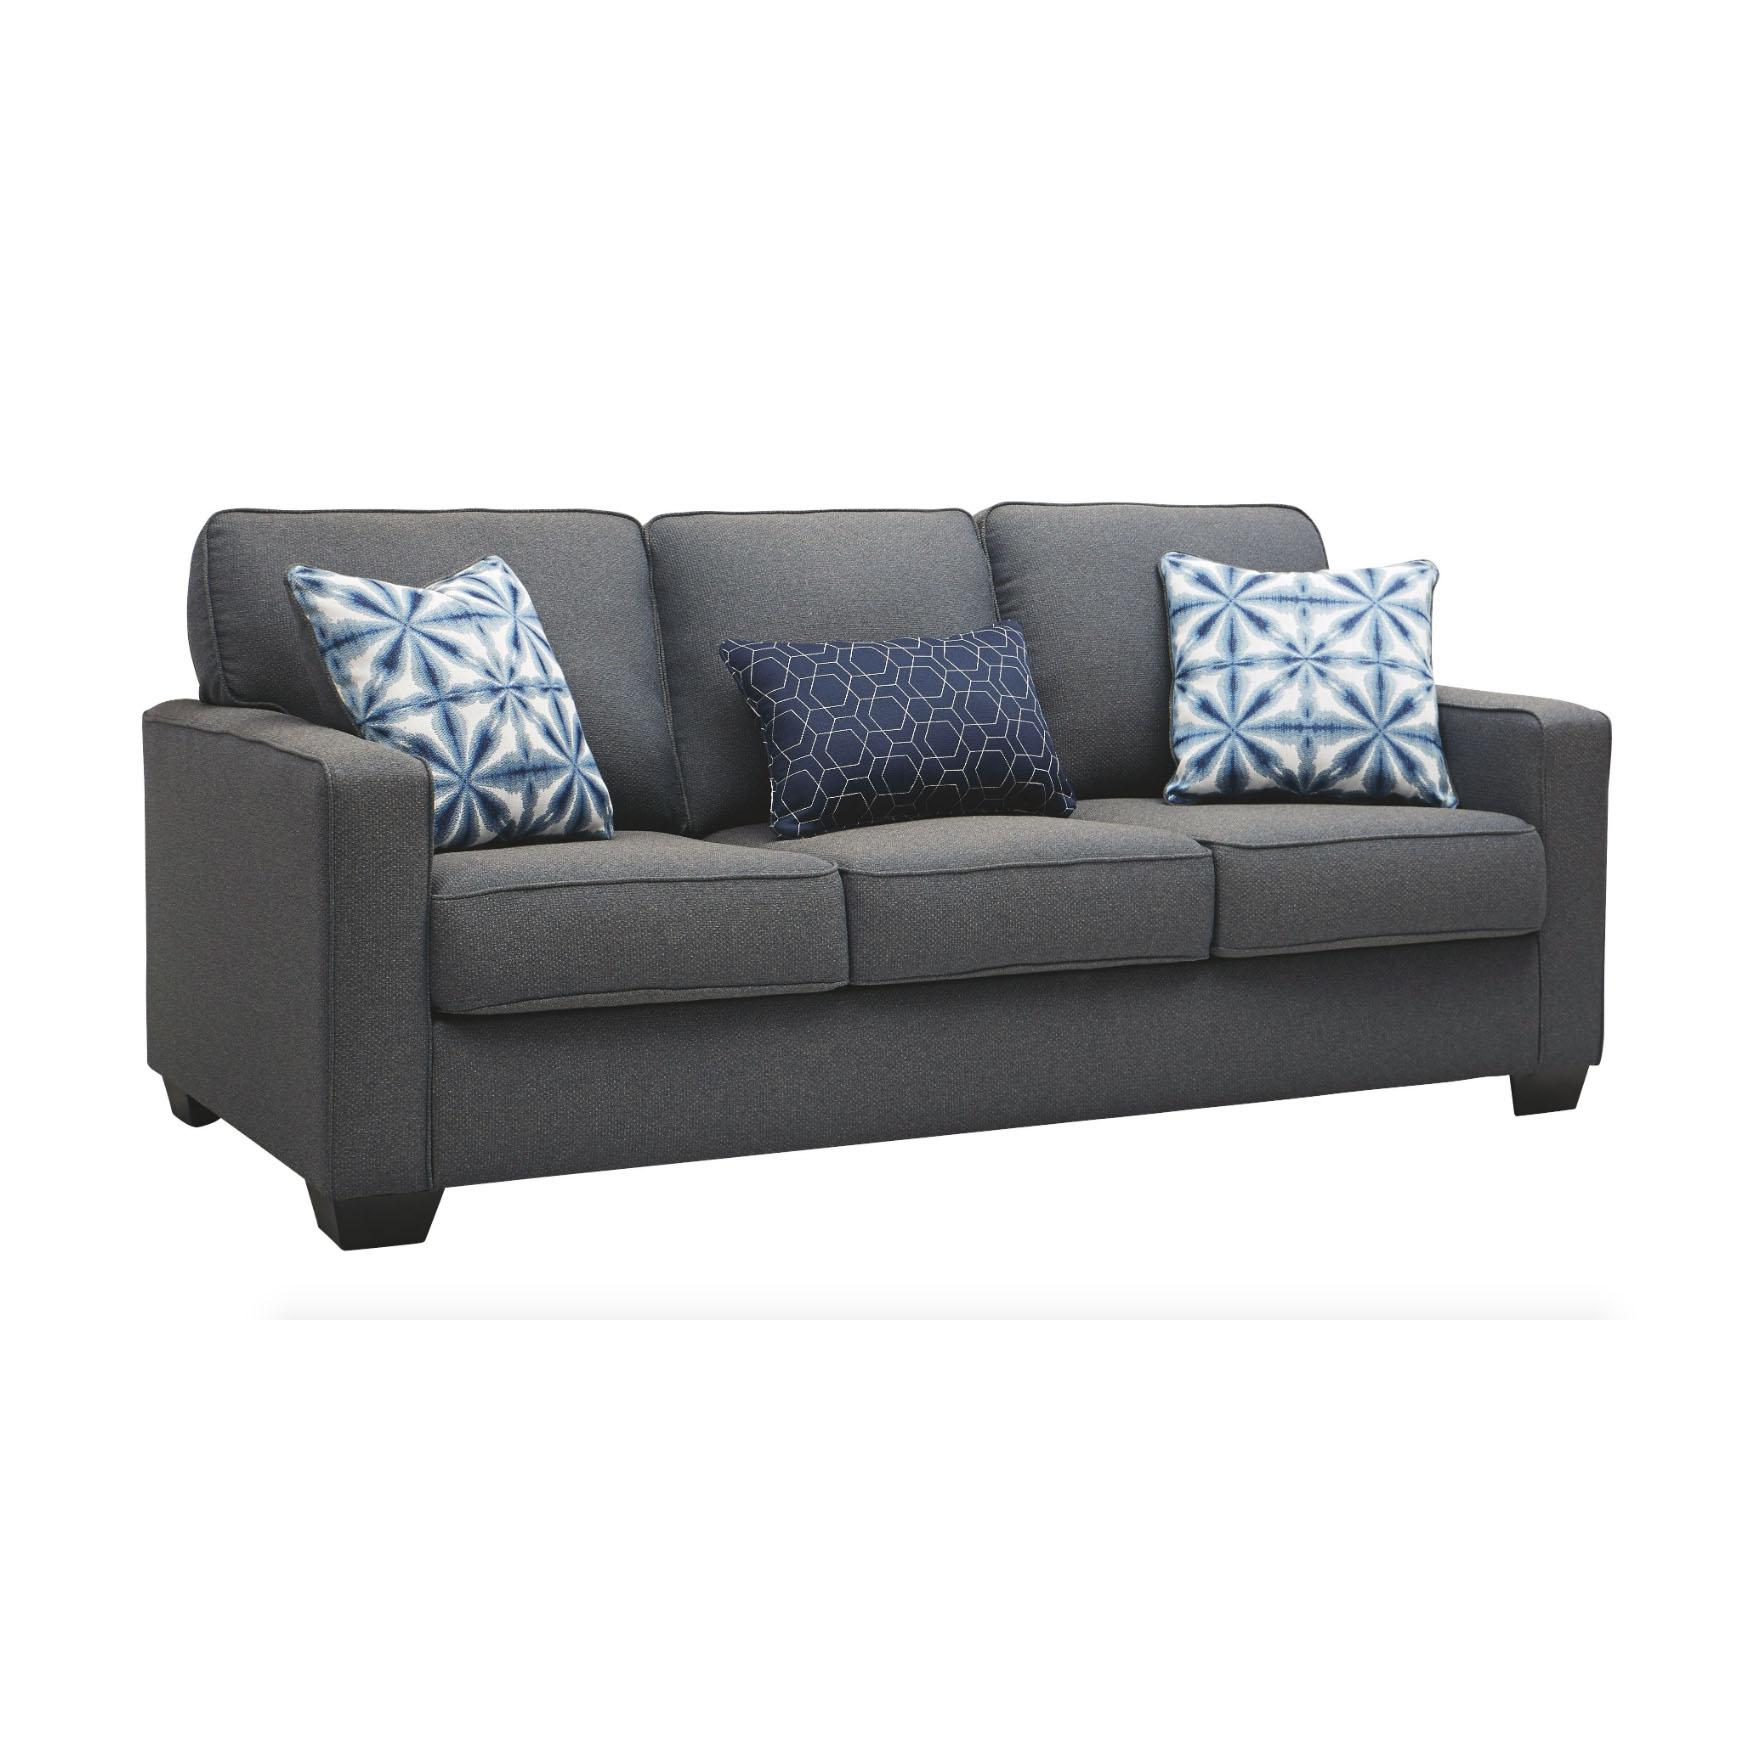 Kiessel Nuvella - Steel - Sofa